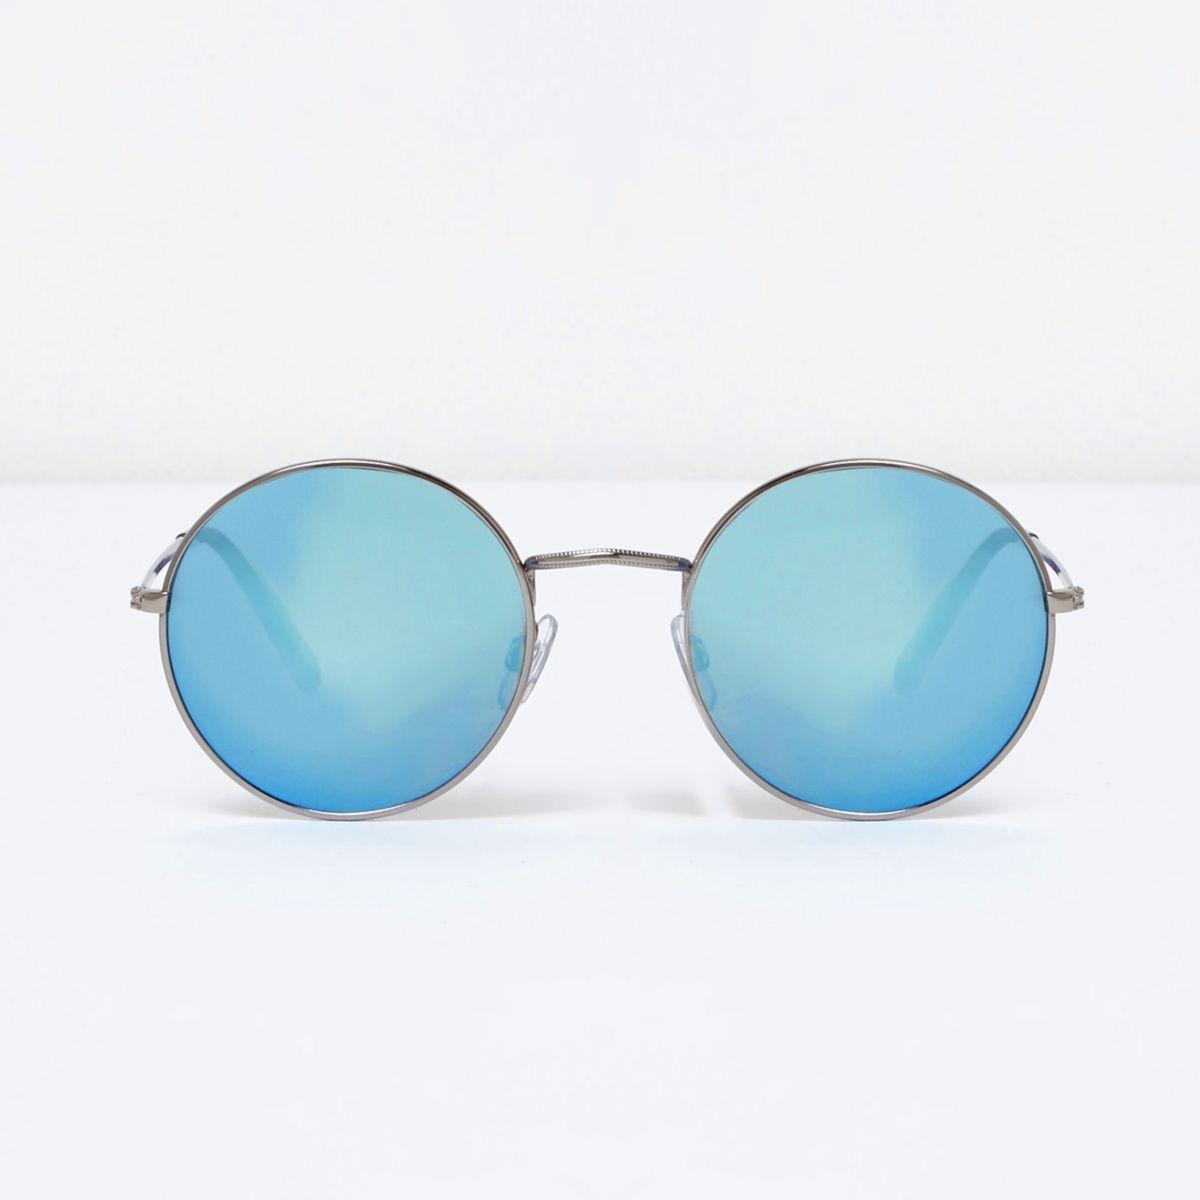 Zilverkleurige ronde zonnebril met blauwe spiegelglazen